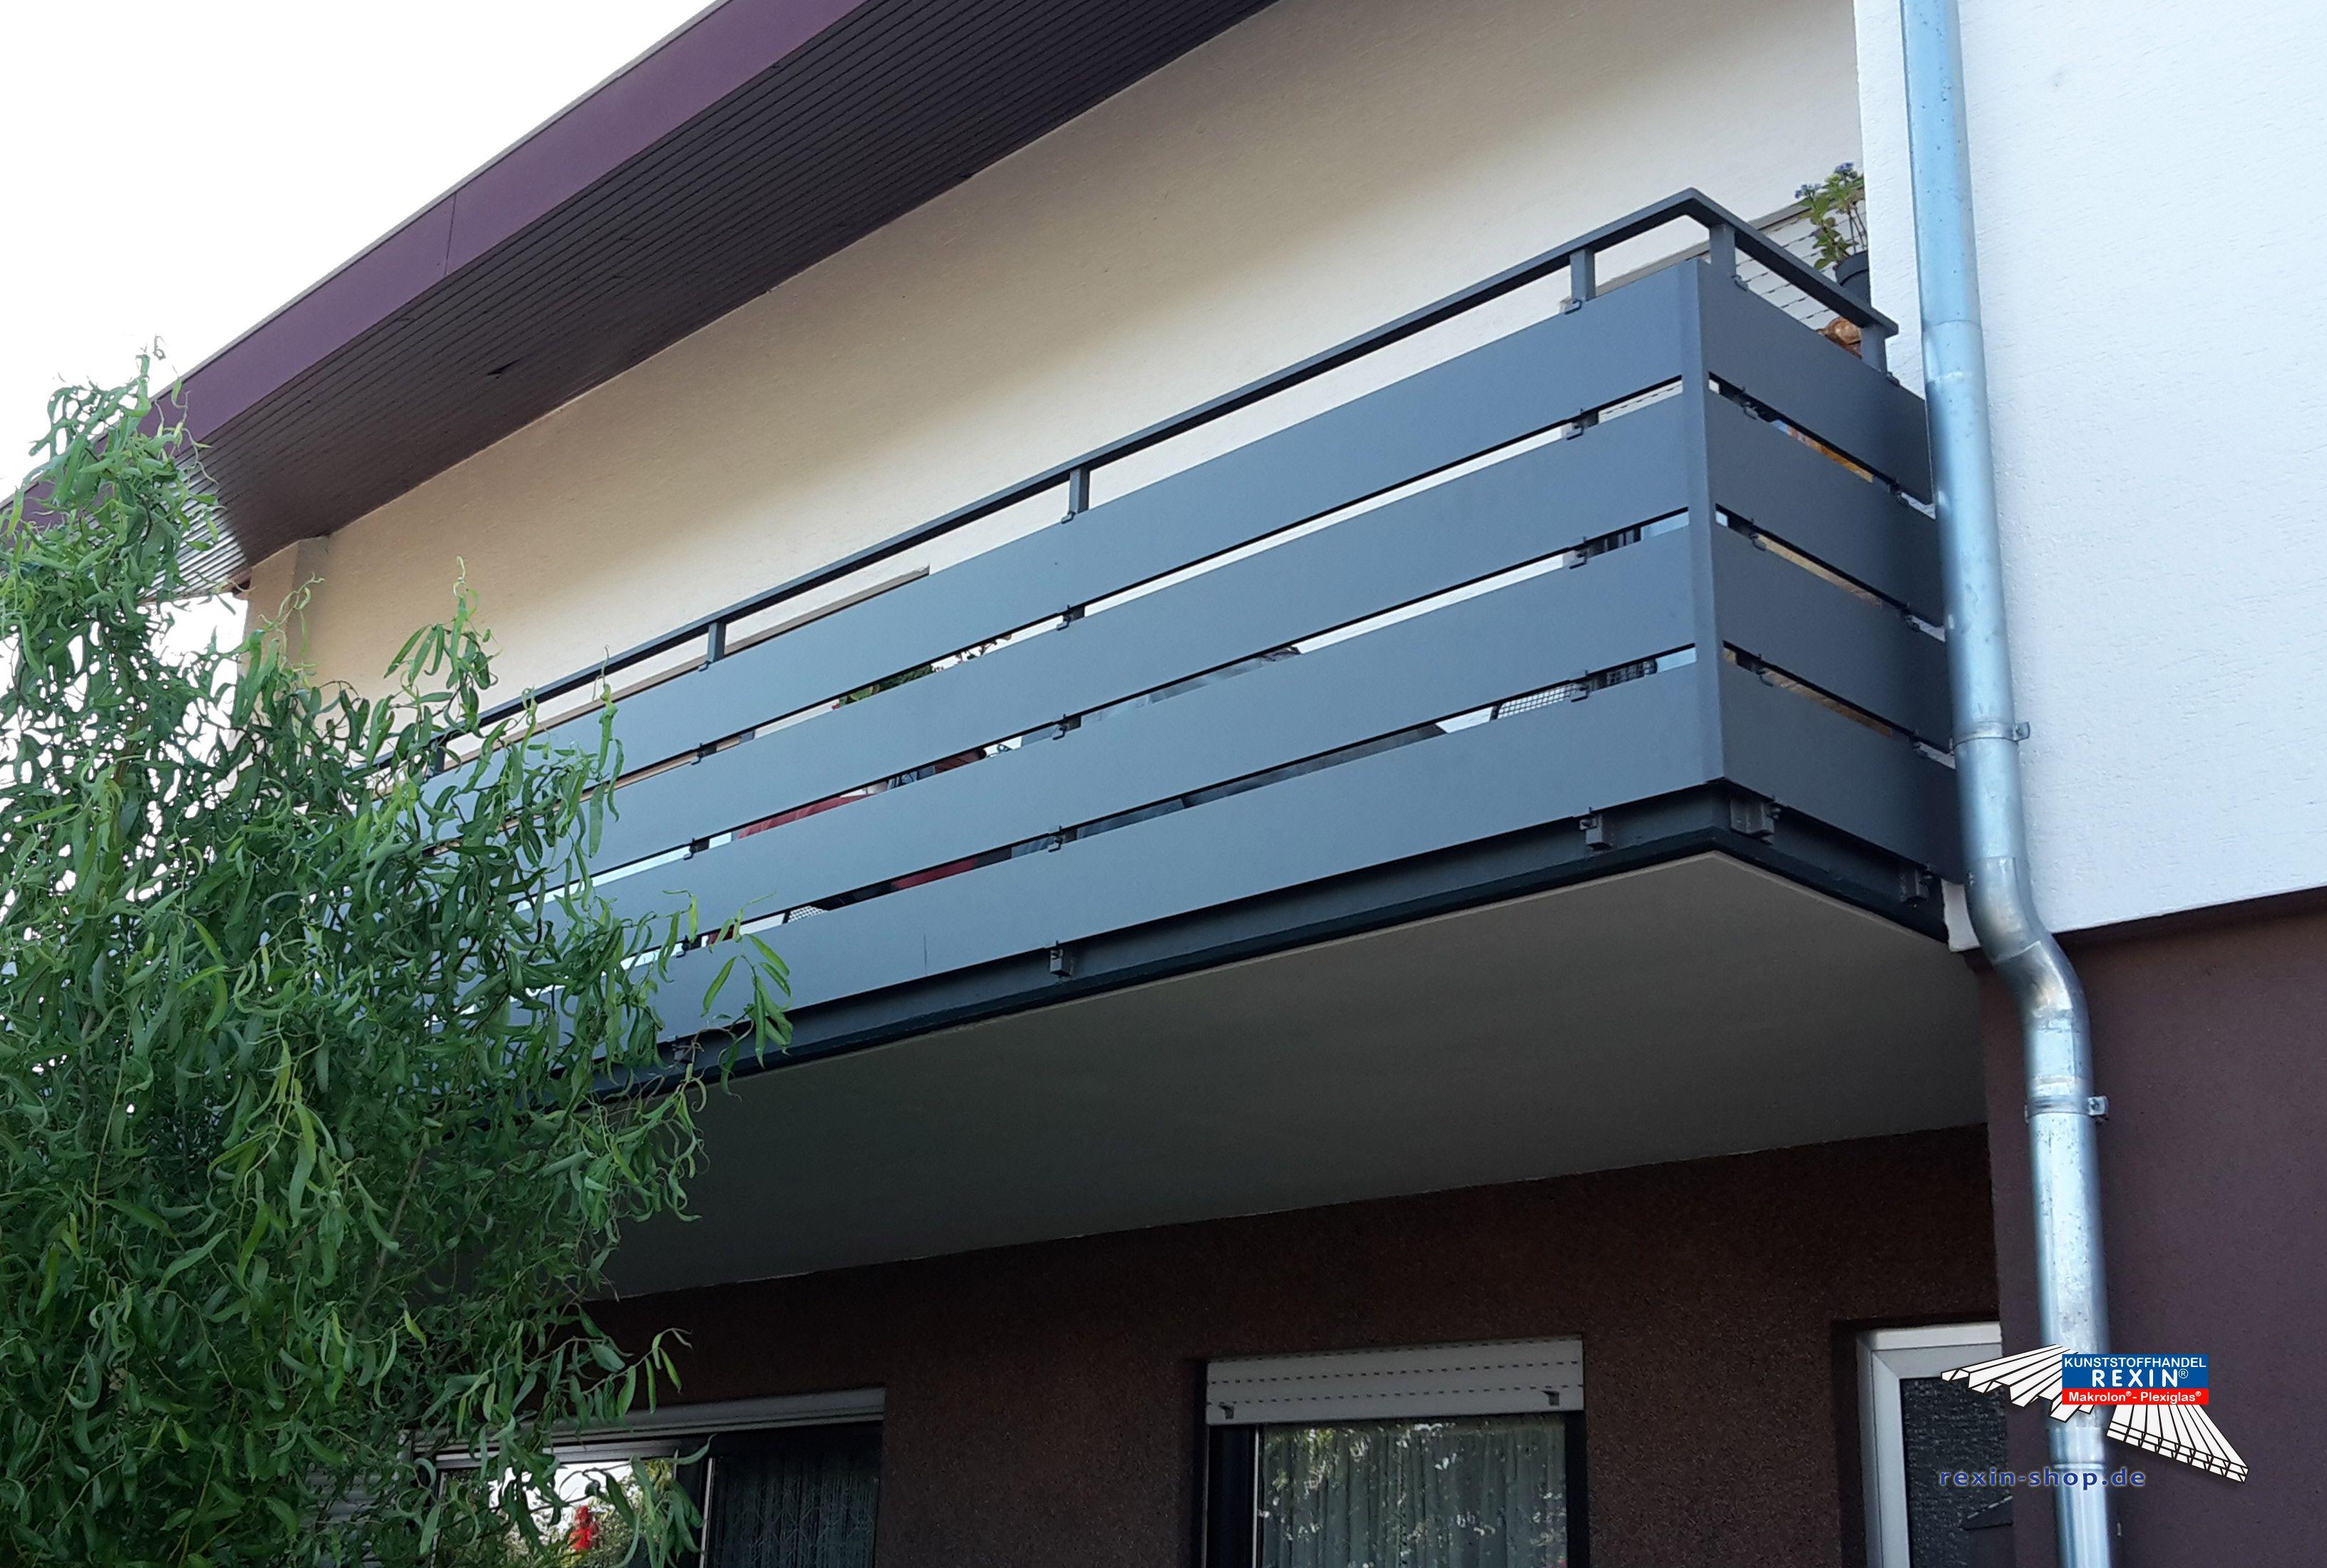 alu balkonbretter der marke rexoboard in anthrazit mit e. Black Bedroom Furniture Sets. Home Design Ideas